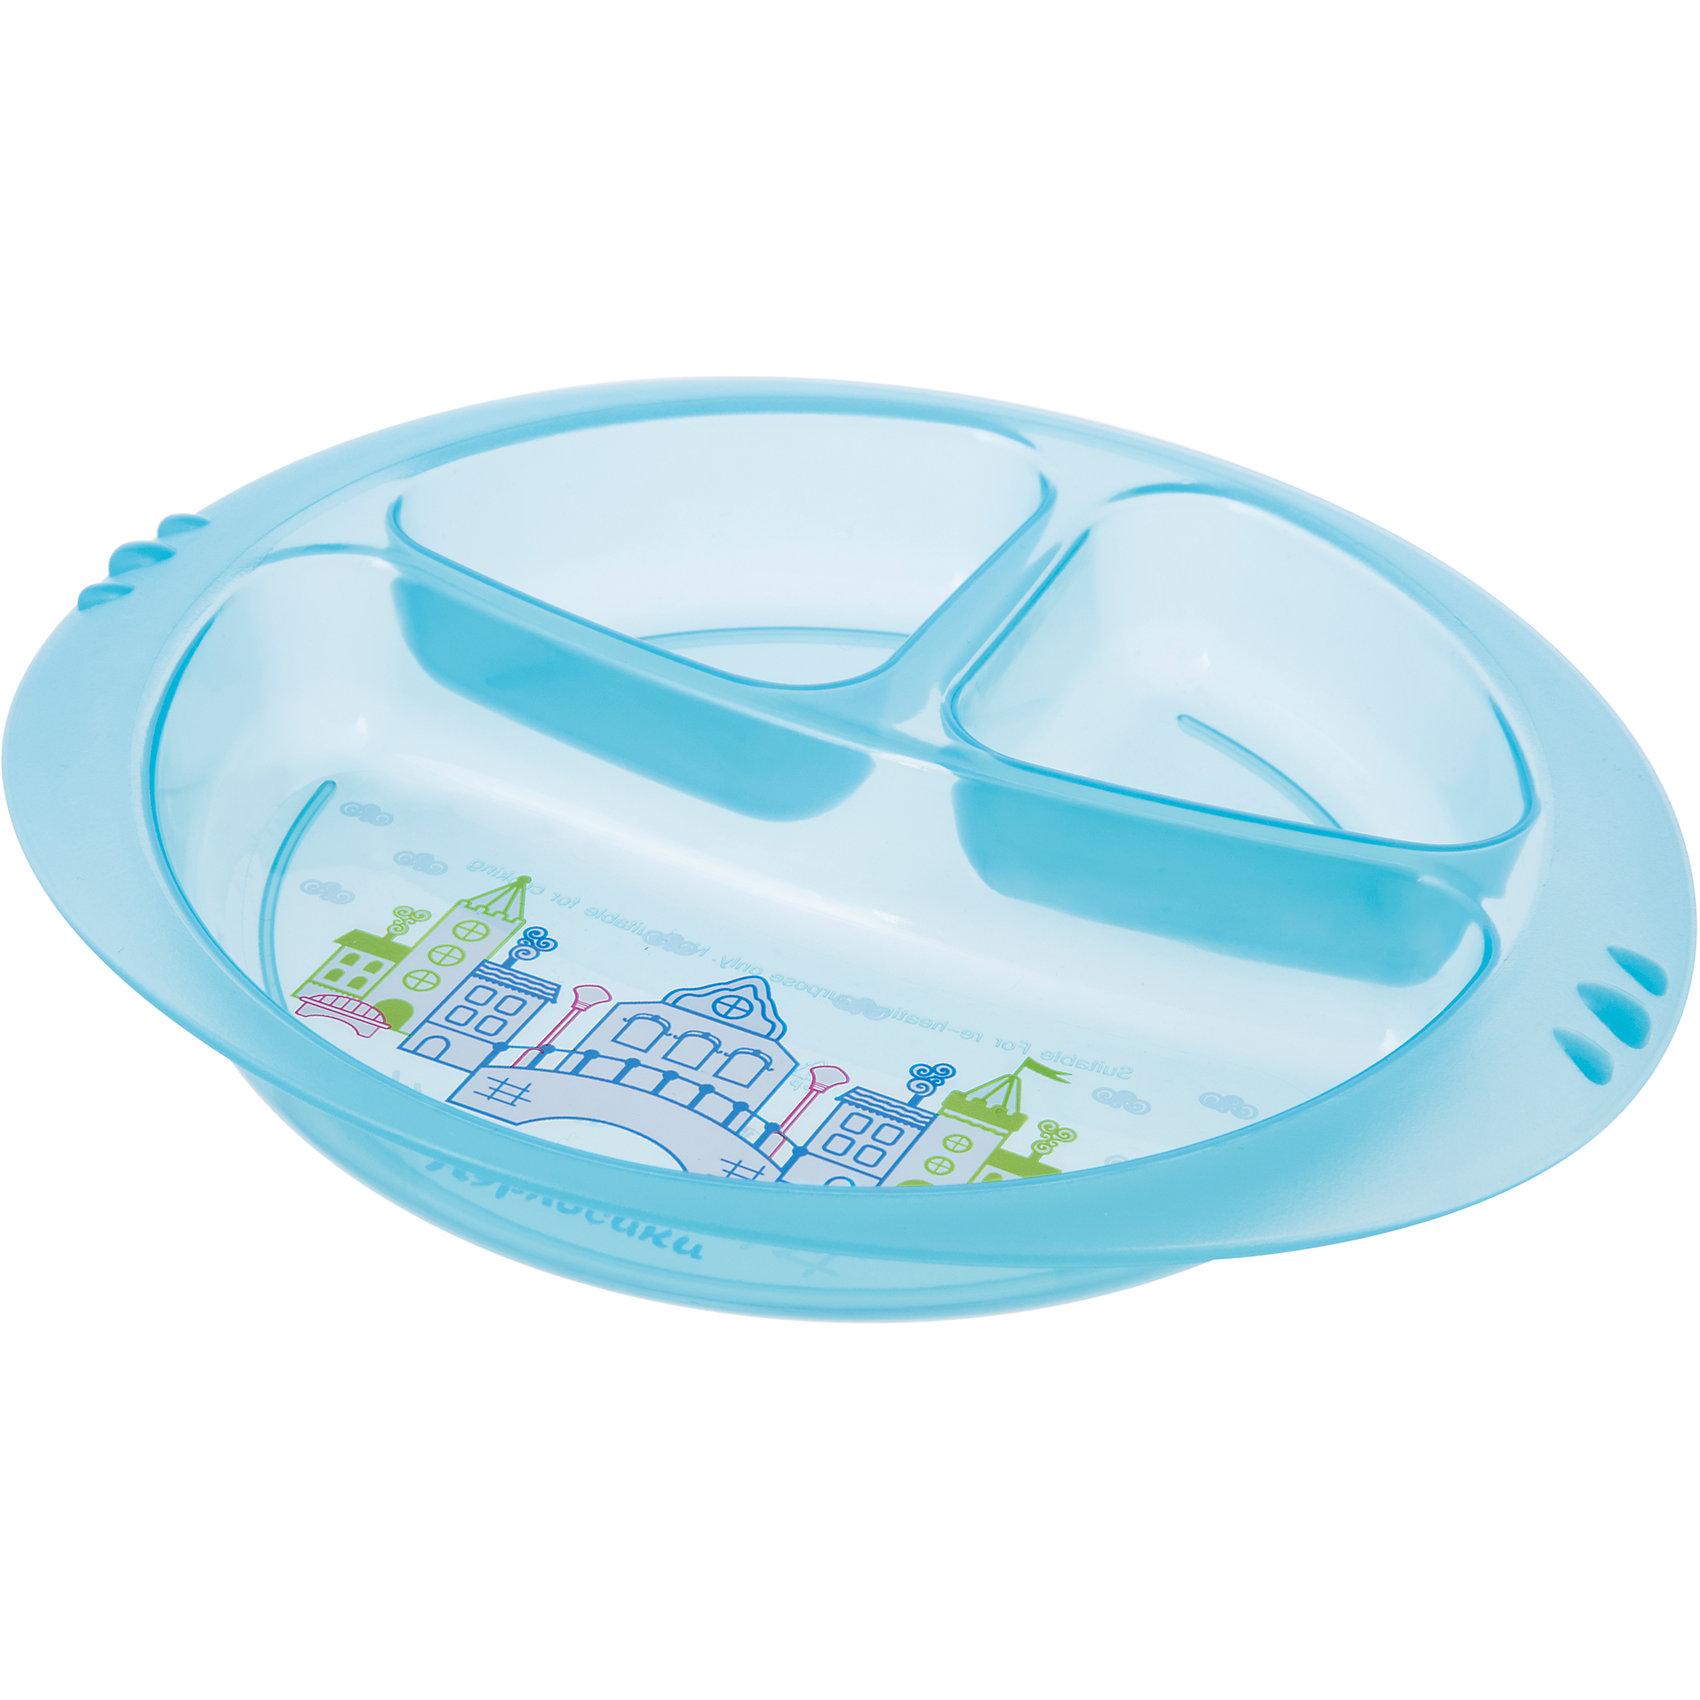 Тарелочка детская трехсекционная, Kurnosiki, голубойХарактеристики:<br><br>• Предназначение: для кормления<br>• Материал: пластик<br>• Пол: для мальчика<br>• Цвет: голубой<br>• Тематика рисунка: сказочный город<br>• Предусмотрено три секции<br>• Можно использовать как для холодных, так и для горячих блюд<br>• Можно использовать для СВЧ<br>• Вес: 90 г<br>• Параметры (Д*Ш*В): 25*3*19 см <br>• Особенности ухода: разрешается мыть в посудомоечной машине<br><br>Тарелочка детская трехсекционная, Kurnosiki, зеленый выполнена из безопасного и ударопрочного пластика, устойчивого к появлению царапин и сколов. Три секции позволяют использовать тарелочку для различных блюд одновременно. Секции глубокие с высокими перегородками, что будет препятствовать смешиванию различных блюд.<br><br> Дно самой большой секции оформлено сюжетной картинкой с изображением сказочного города. Изделие выполнено в ярком цвете, имеет компактный размер и легкий вес, поэтому его удобно брать с собой в длительные поездки, на пикники или в путешествия. <br><br>Тарелочку детскую трехсекционную, Kurnosiki, зеленый можно купить в нашем интернет-магазине.<br><br>Ширина мм: 210<br>Глубина мм: 30<br>Высота мм: 230<br>Вес г: 106<br>Возраст от месяцев: 4<br>Возраст до месяцев: 36<br>Пол: Мужской<br>Возраст: Детский<br>SKU: 5428727